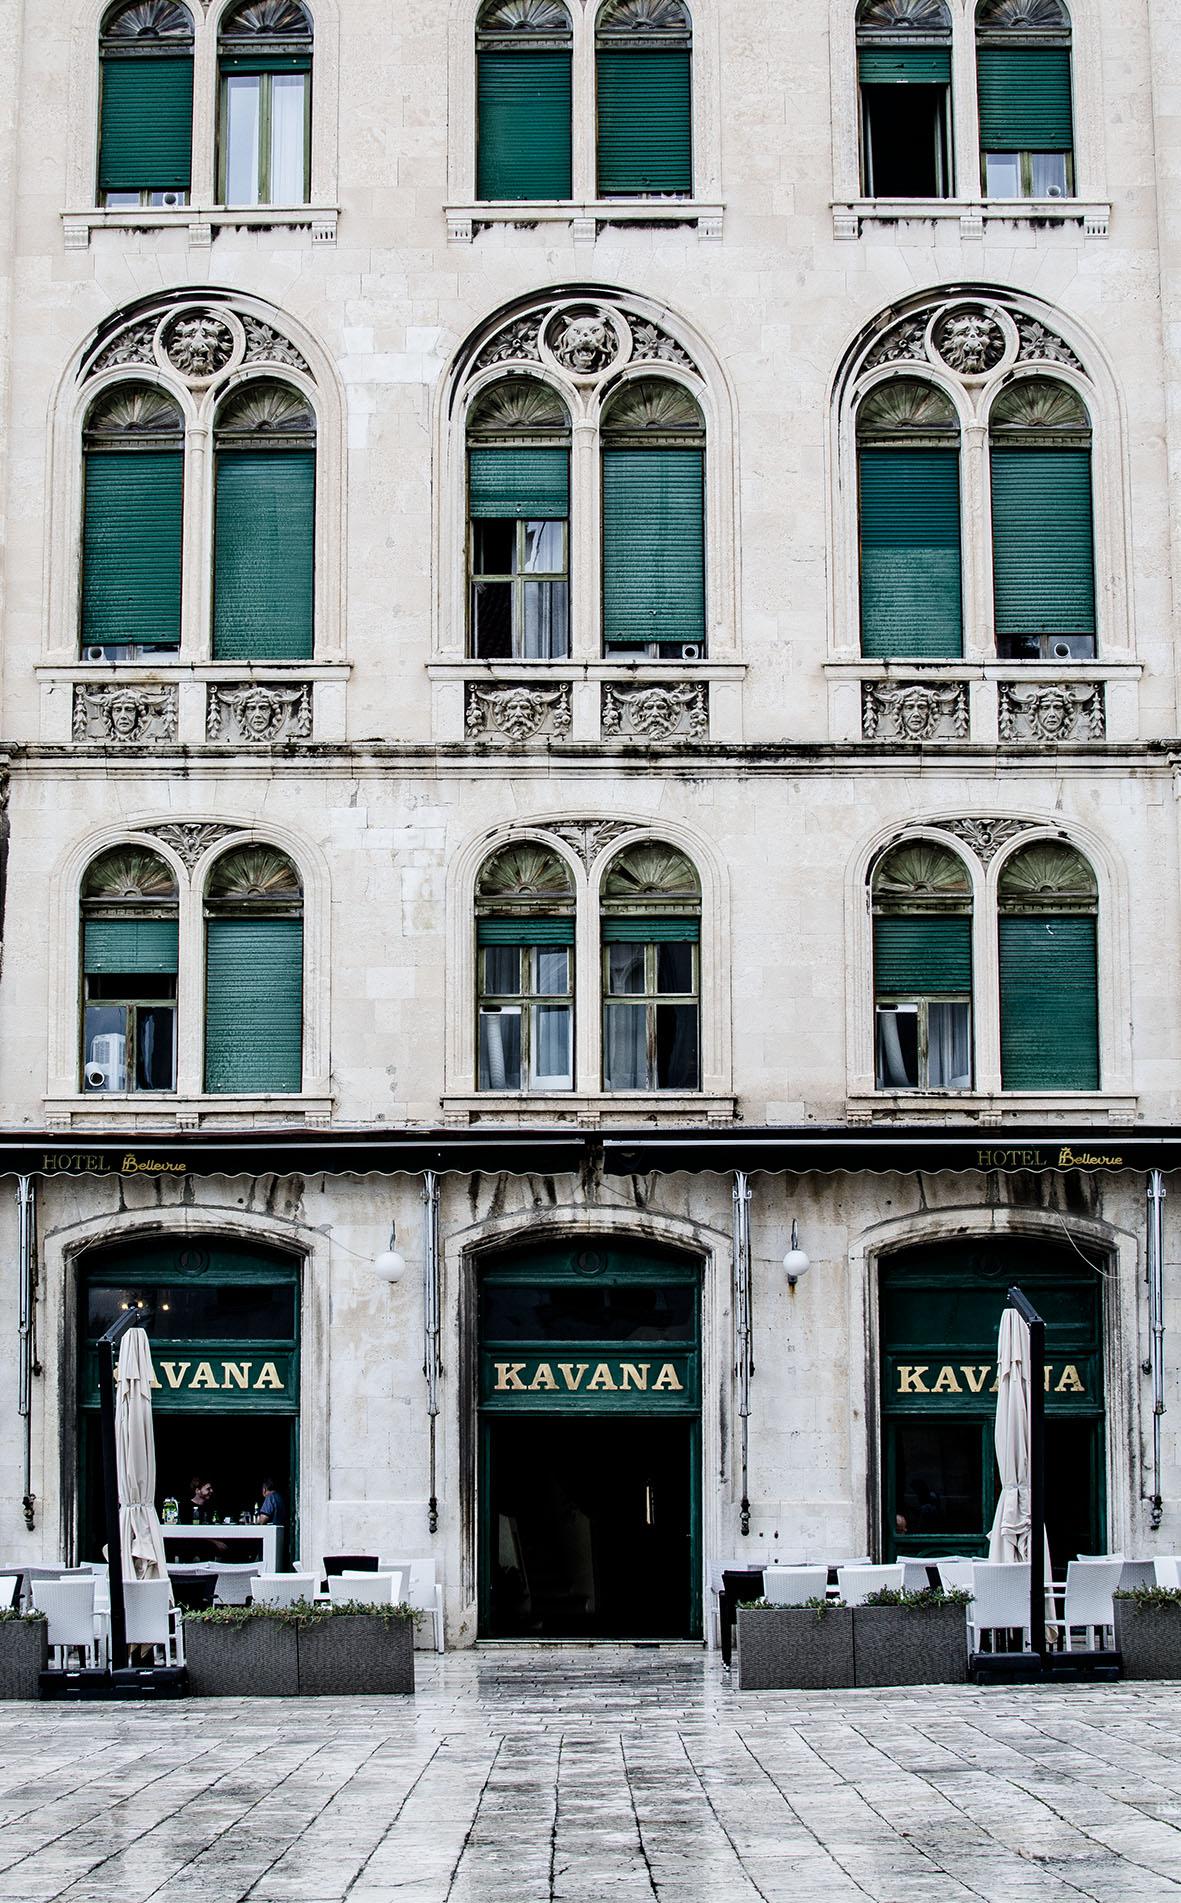 Hotel in Split | Kroatien | chestnutandsage.de